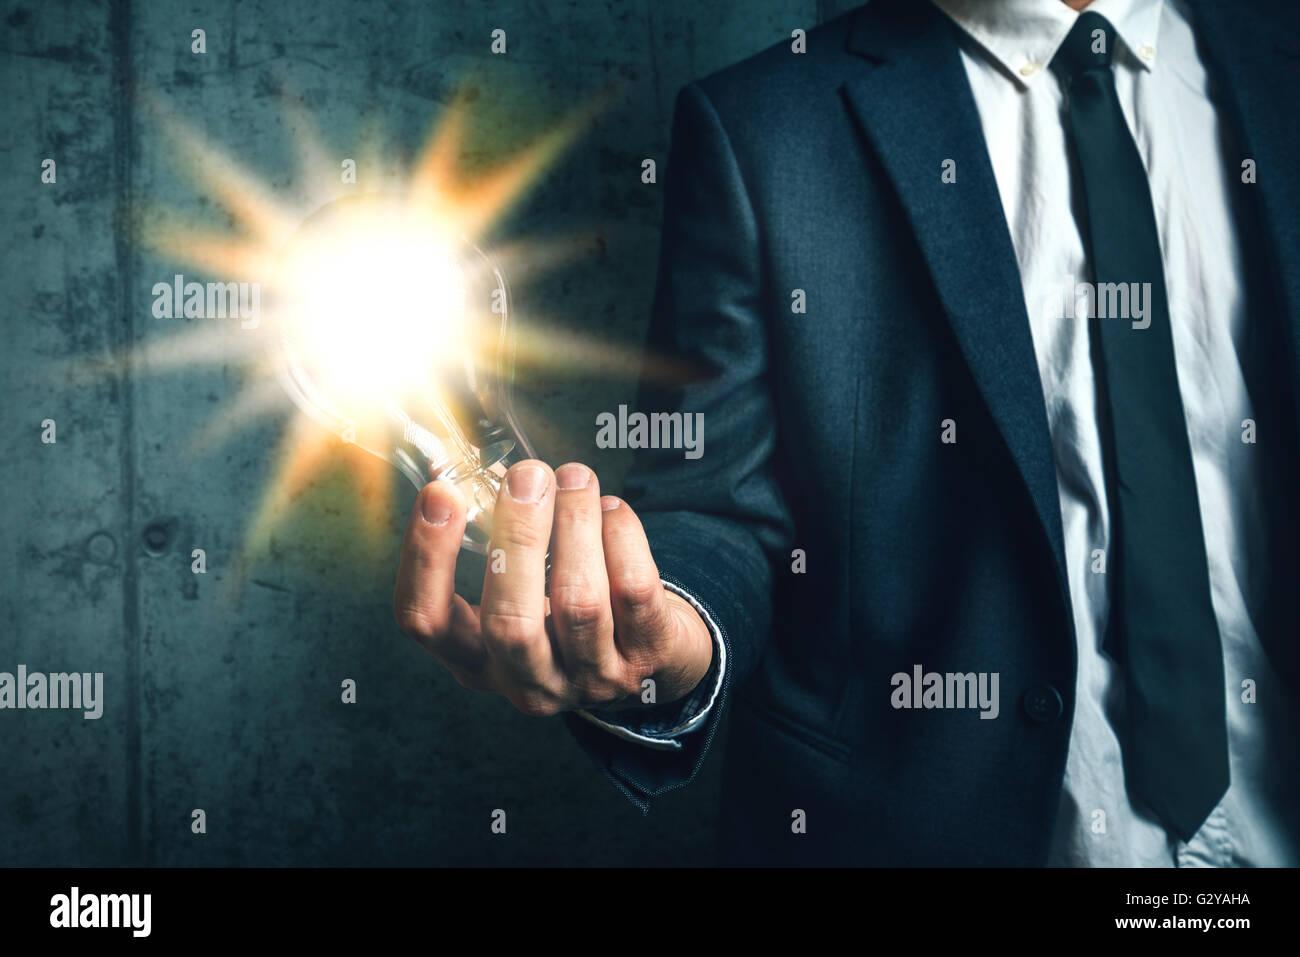 La créativité et la vision d'entreprise concept avec adultes élégant businessman holding Photo Stock